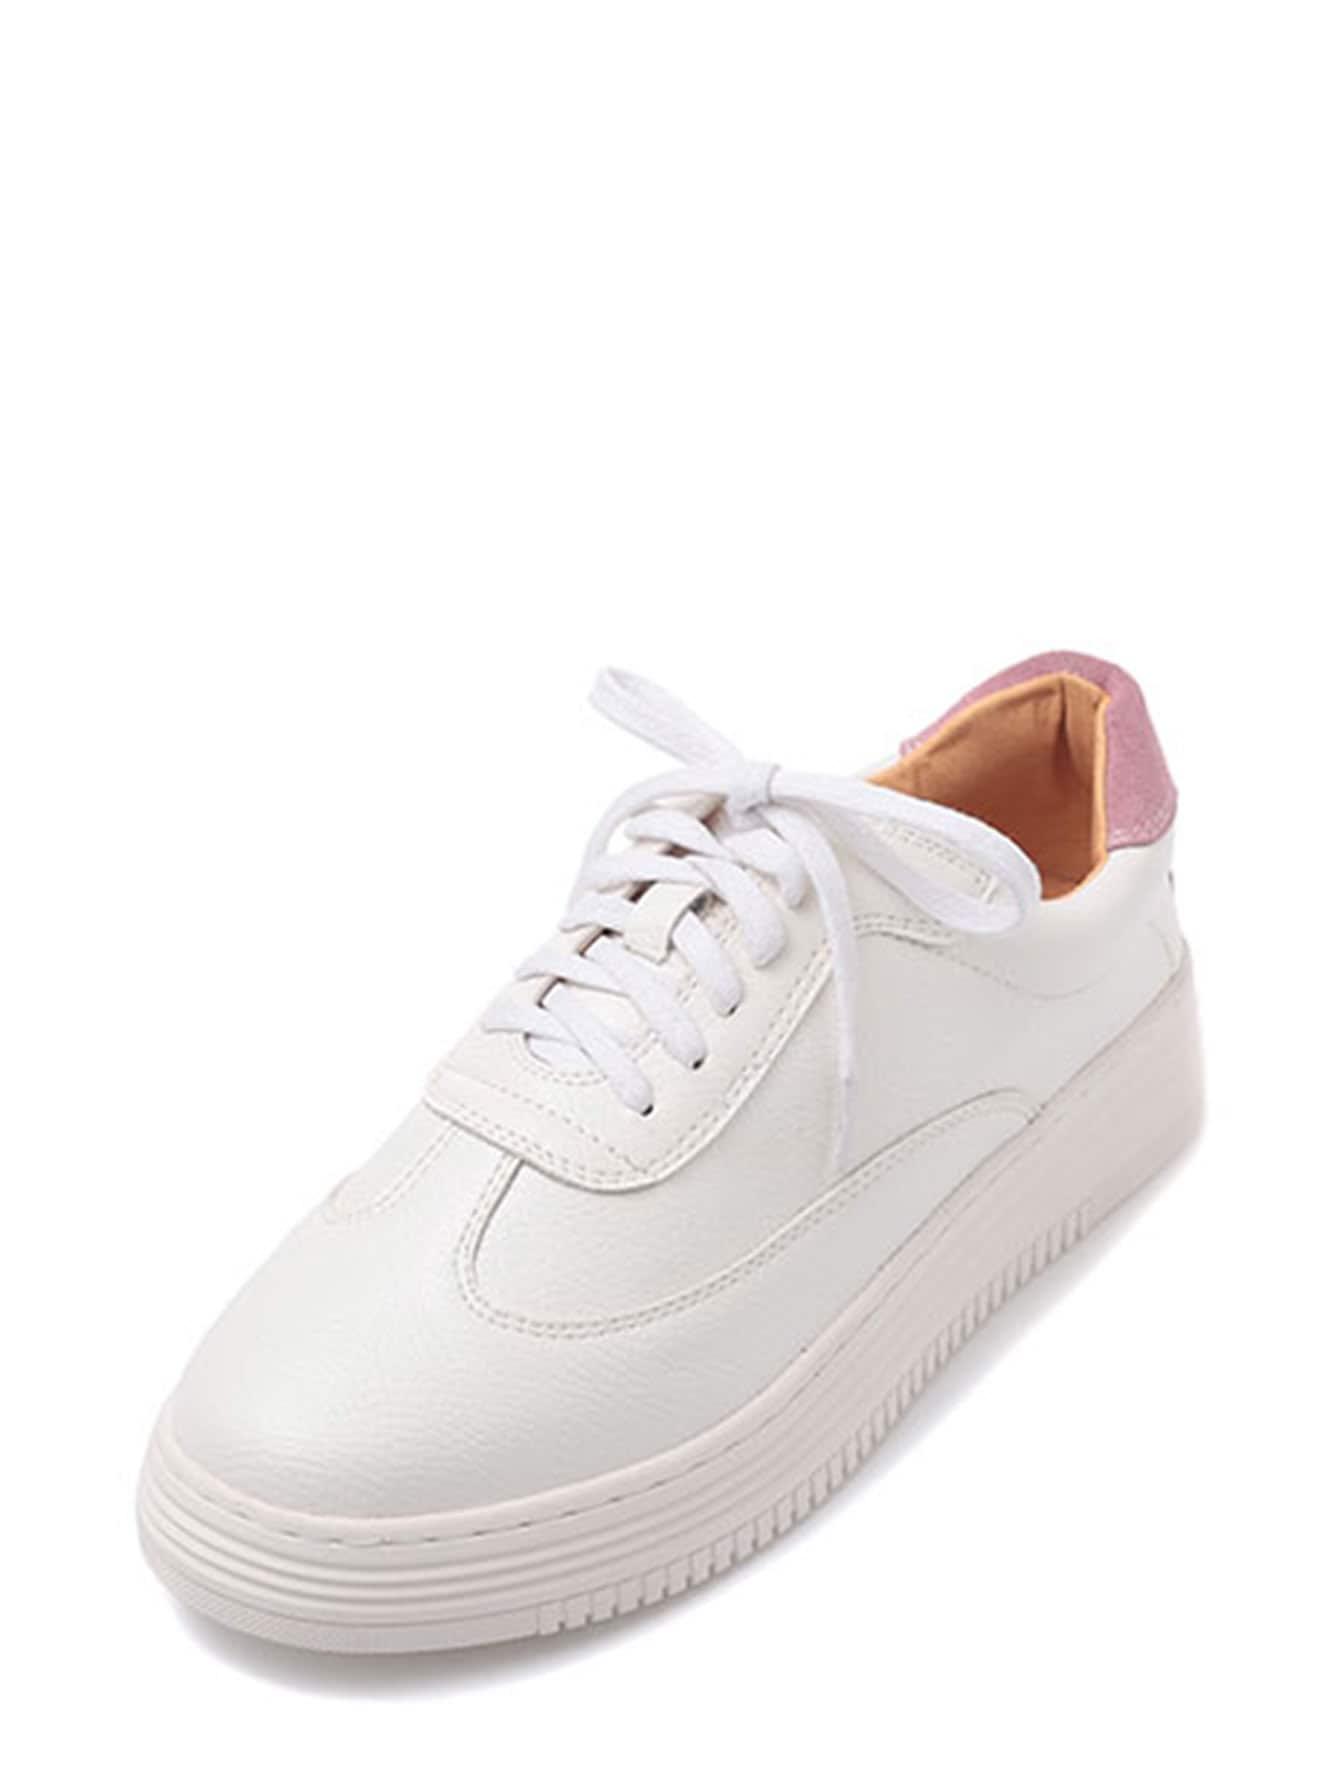 shoes161024809_2